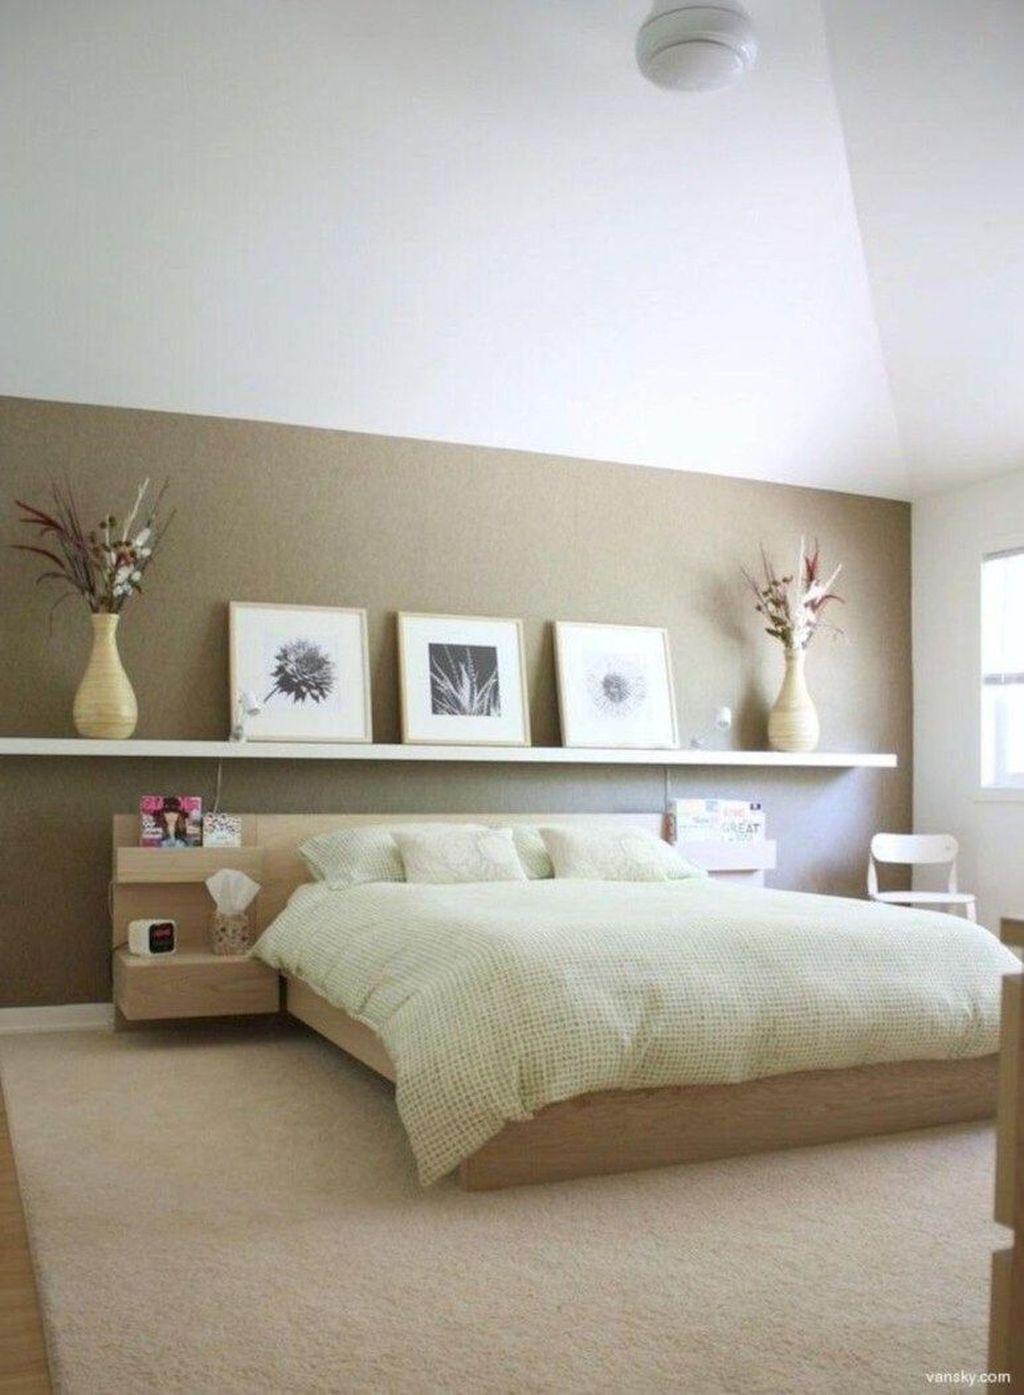 Minimalist Rustic Bedroom